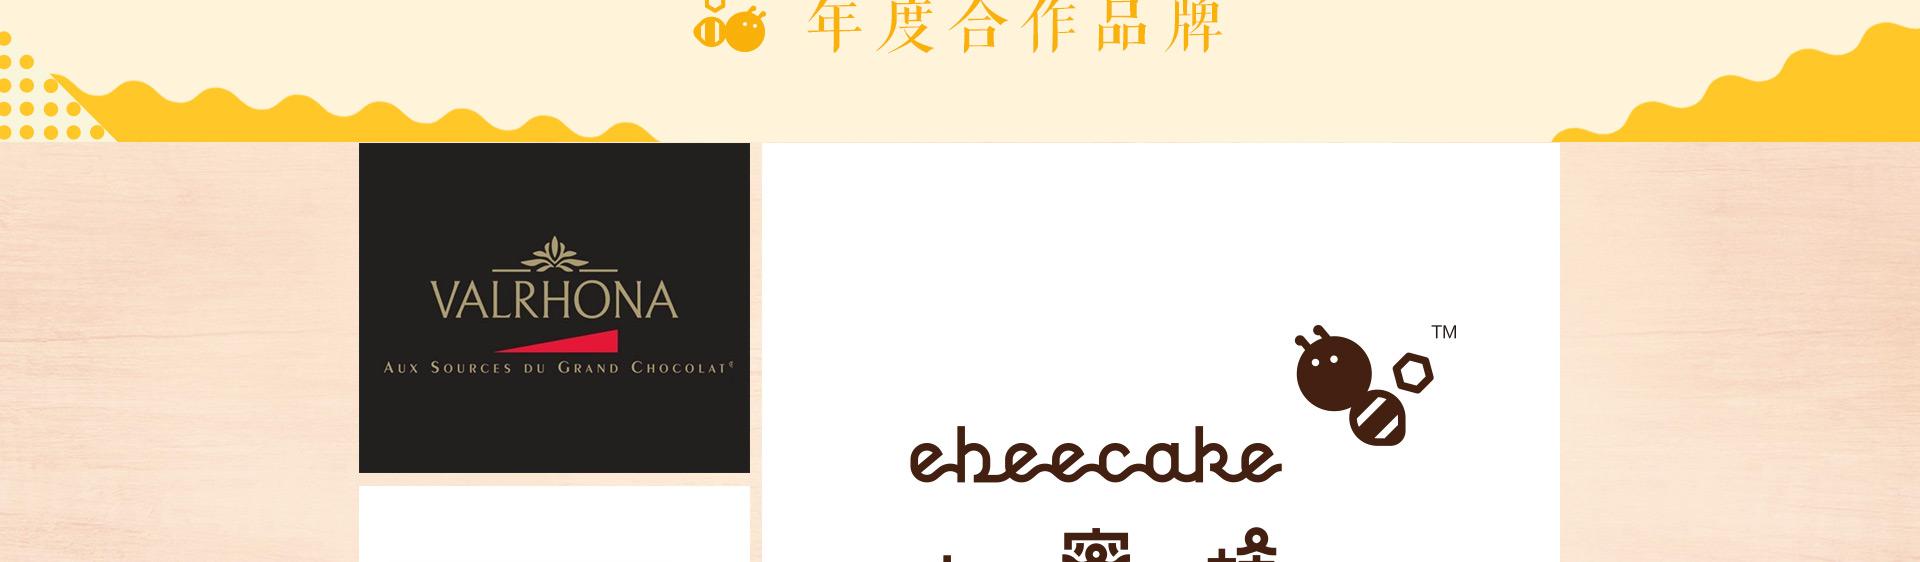 ebeecake小蜜蜂蛋糕 年度合作品牌